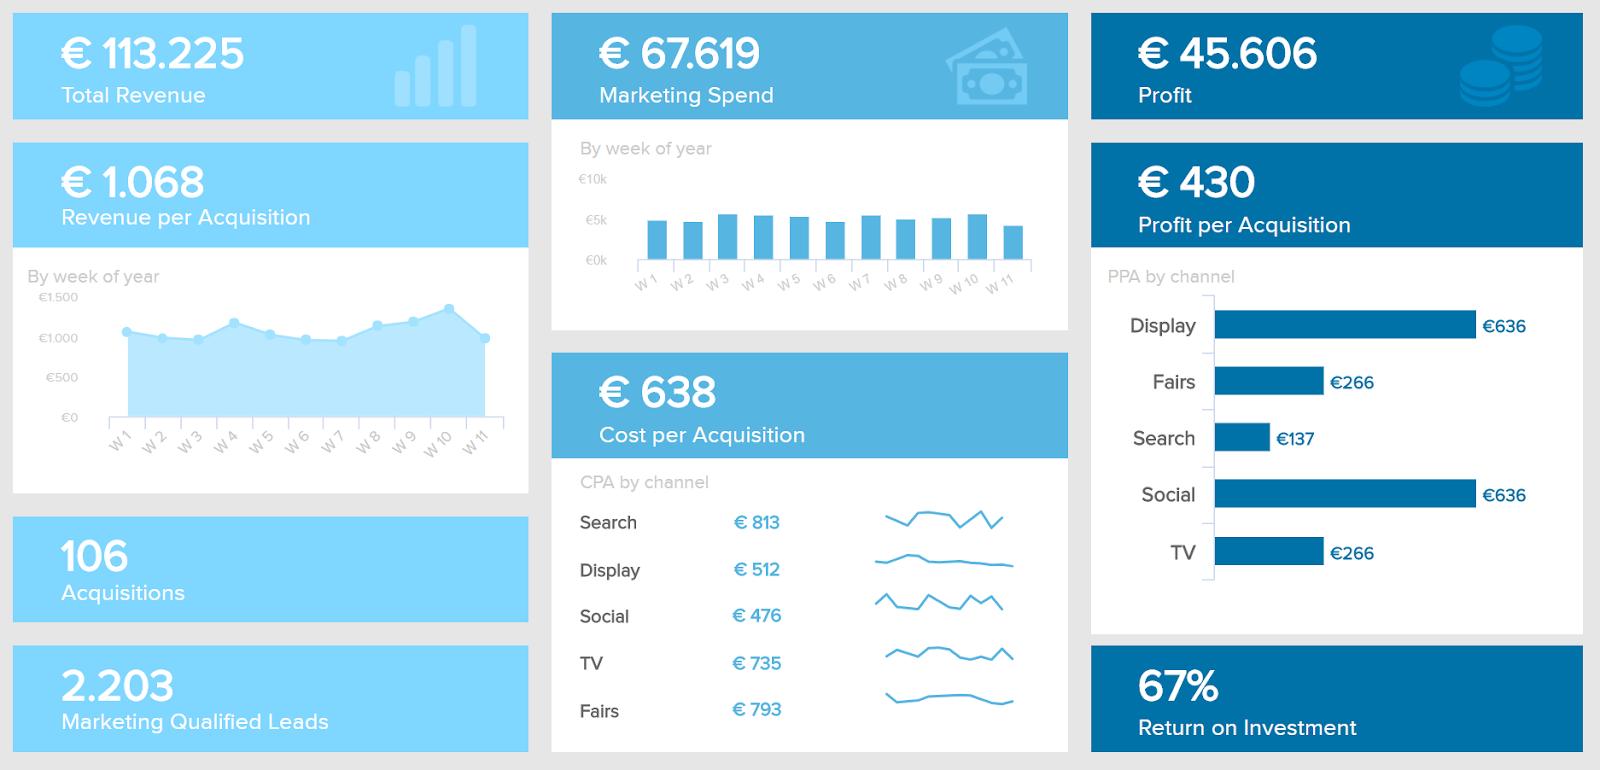 Cómo utilizar las vistas de datos para aprovechar los datos de marketing online - 1631316014 601 Como utilizar las vistas de datos para aprovechar los datos